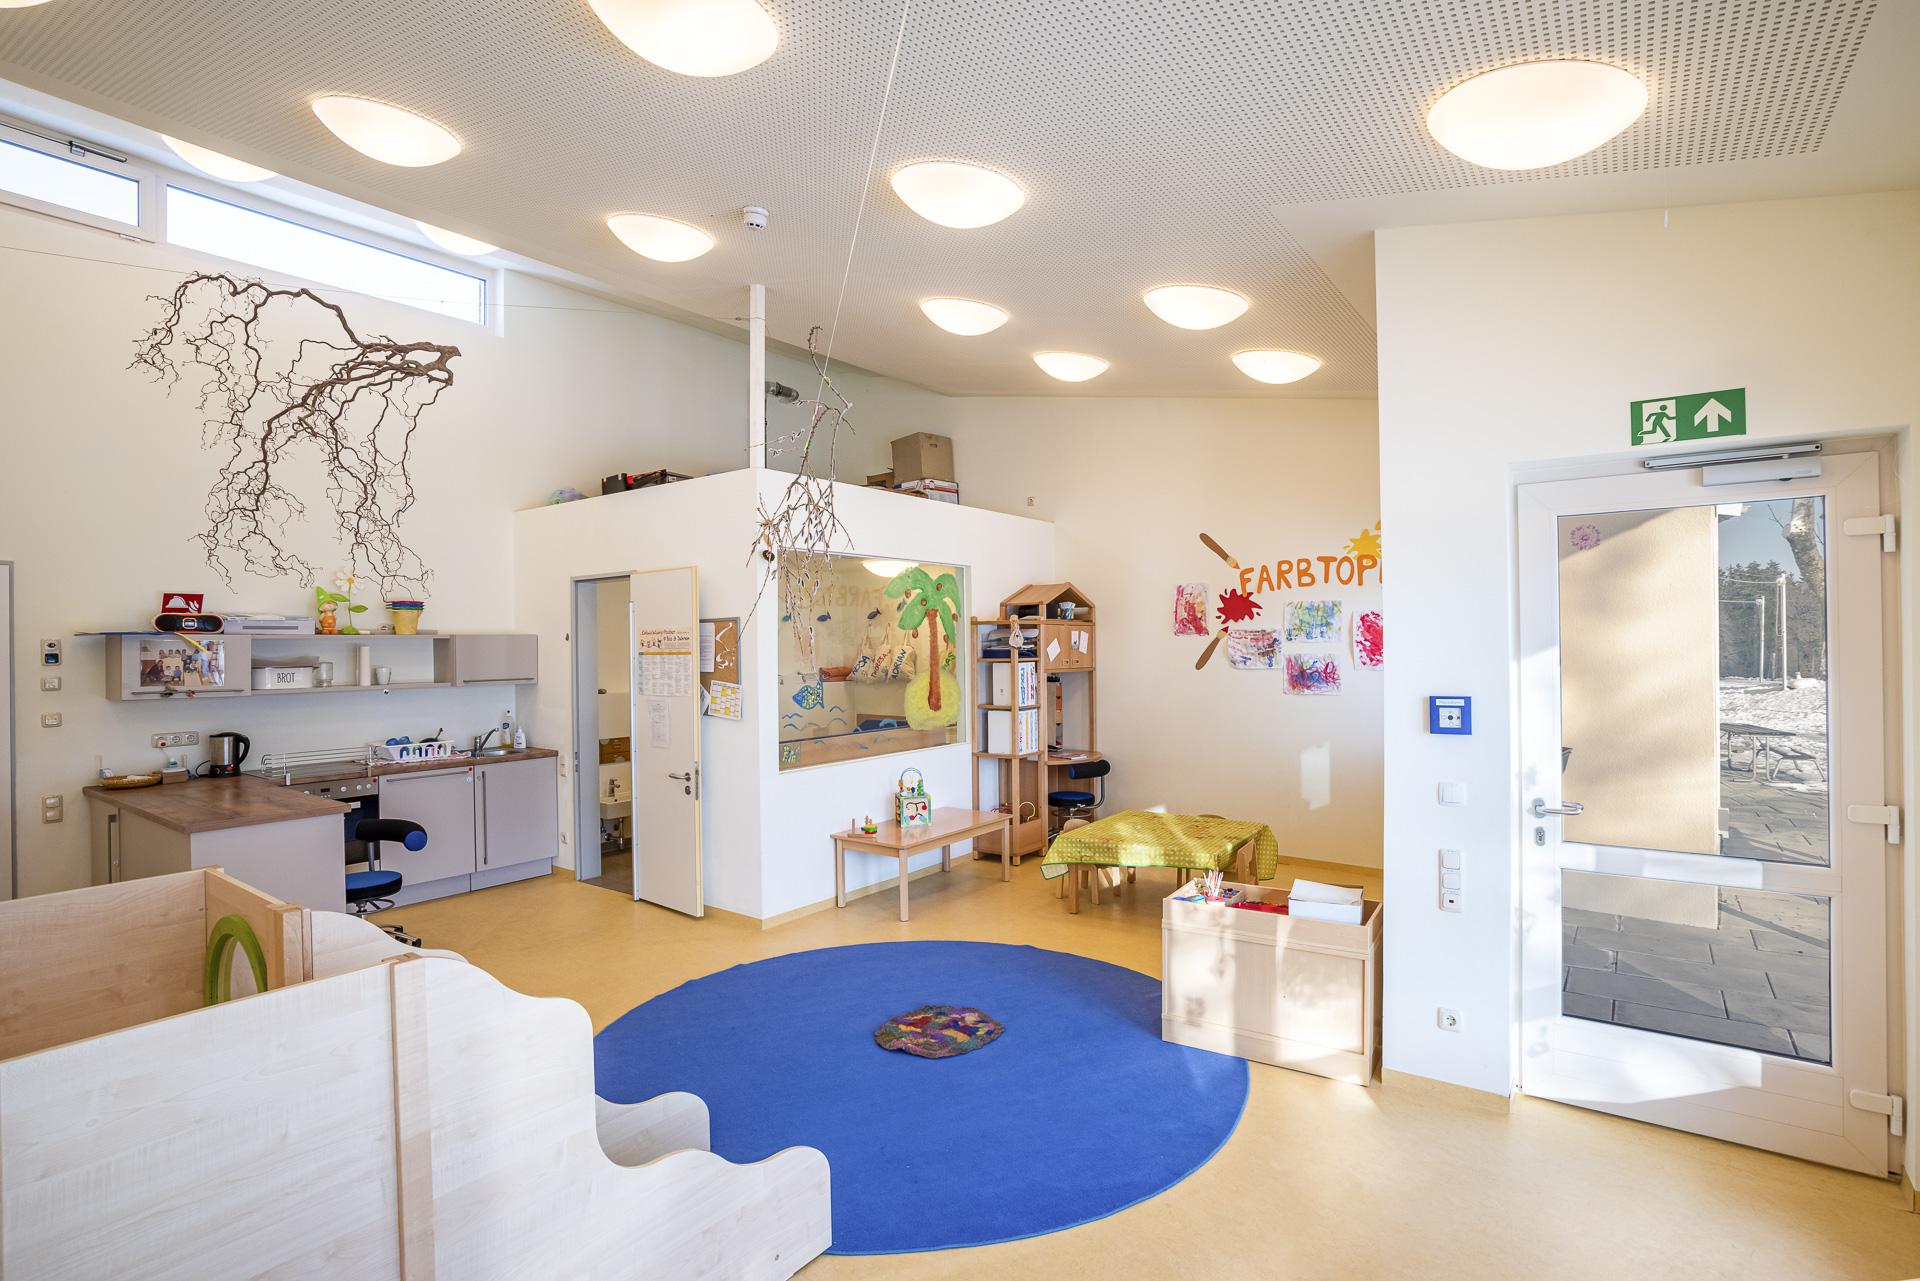 BRK_Kindergarten_Web_1920_Pxls-12